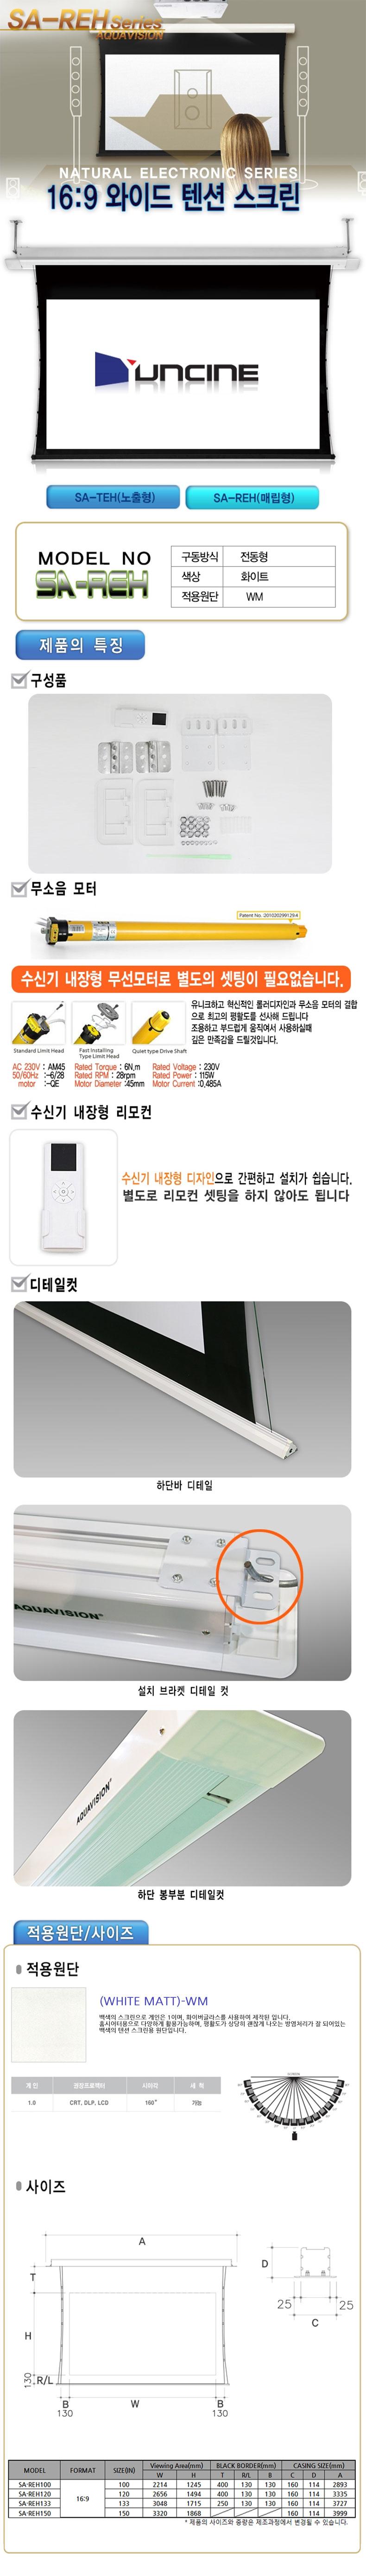 윤씨네 전동텐션스크린  SA-REH137